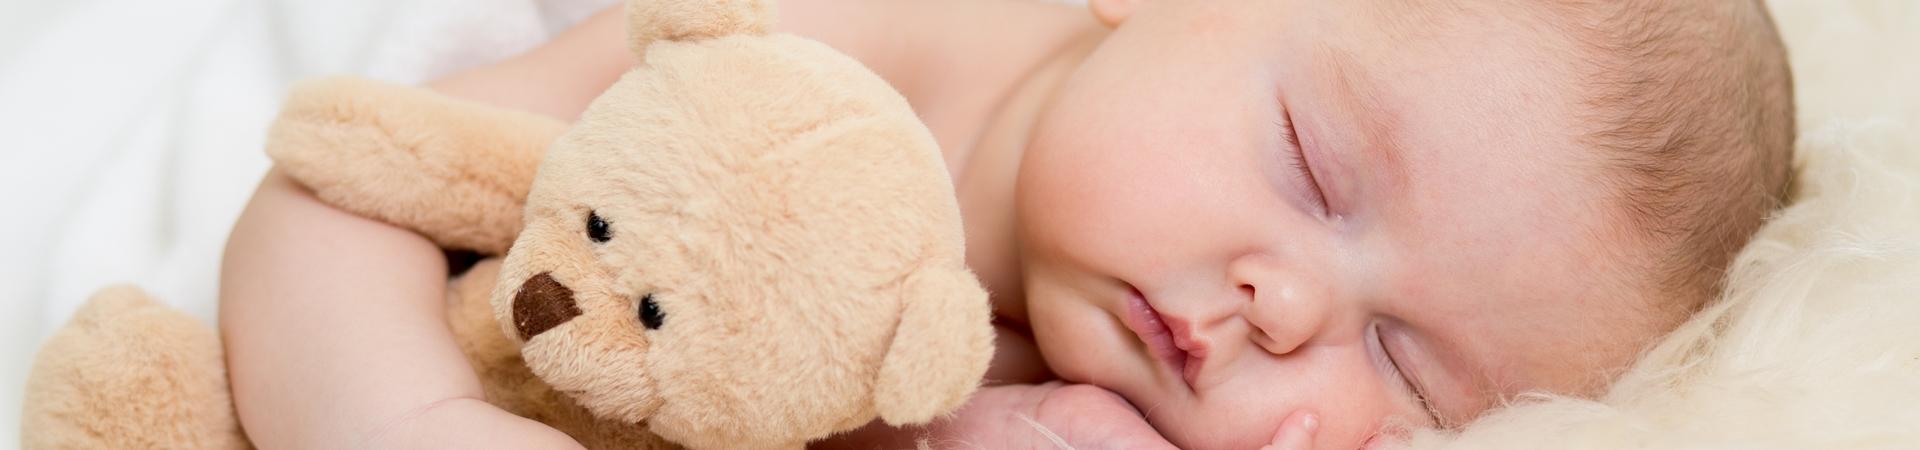 Bebeklerde Uyku Sorunu ve Beyaz Gürültü